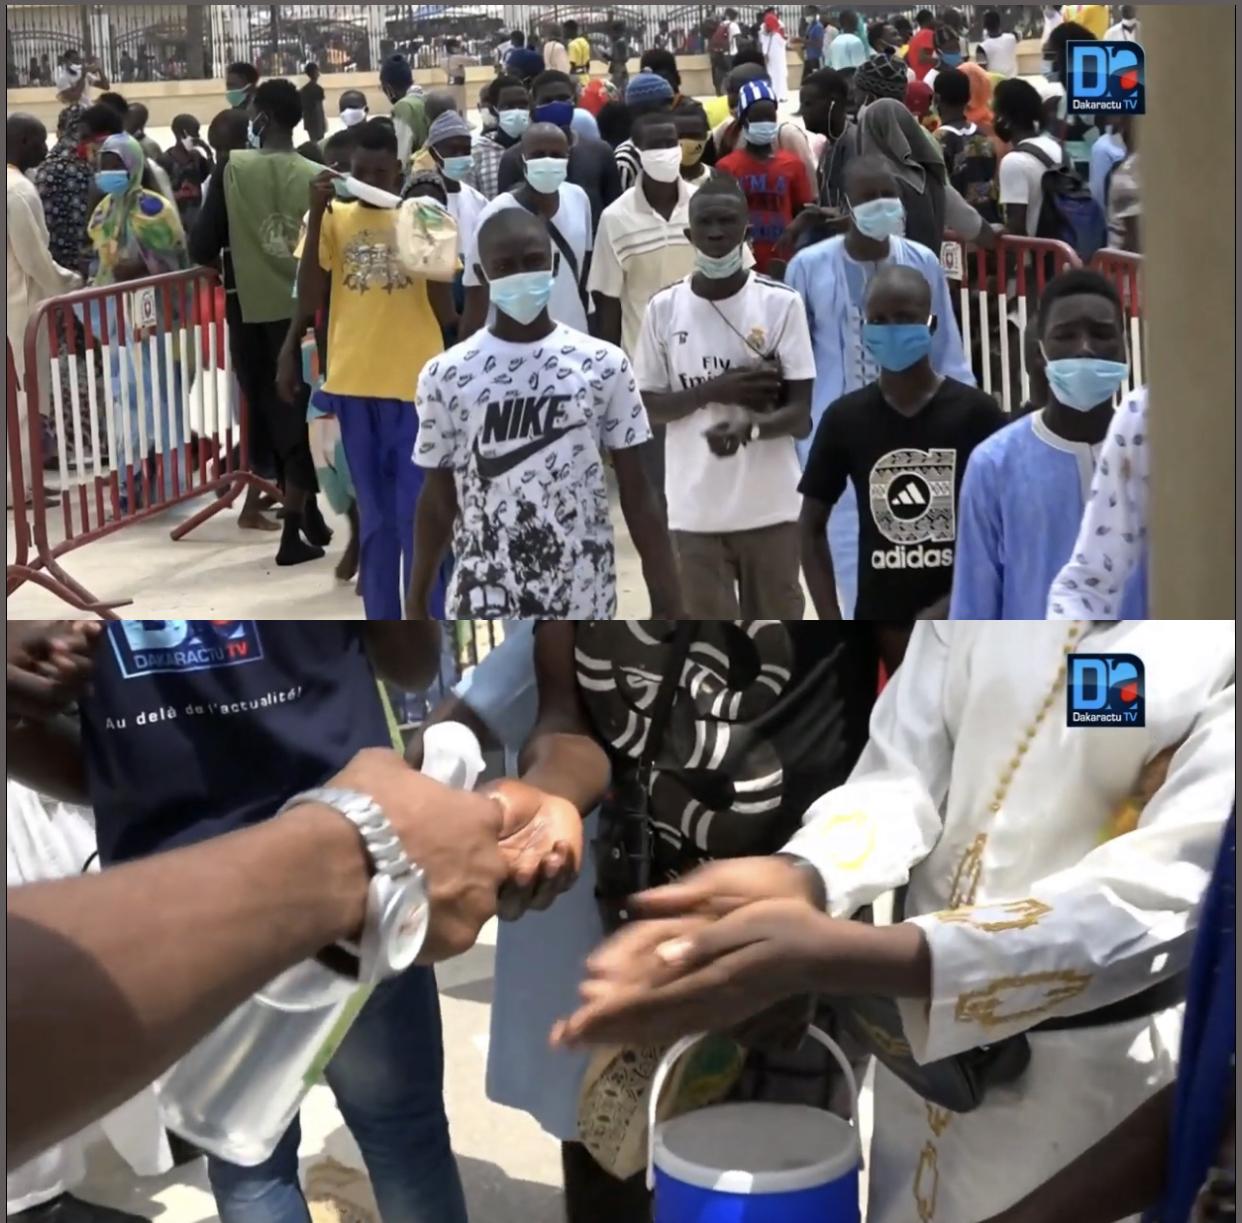 Port du masque, gel hydroalcoolique, distanciation sociale… : À Touba, le respect des mesures sanitaires à l'épreuve du Grand Magal.